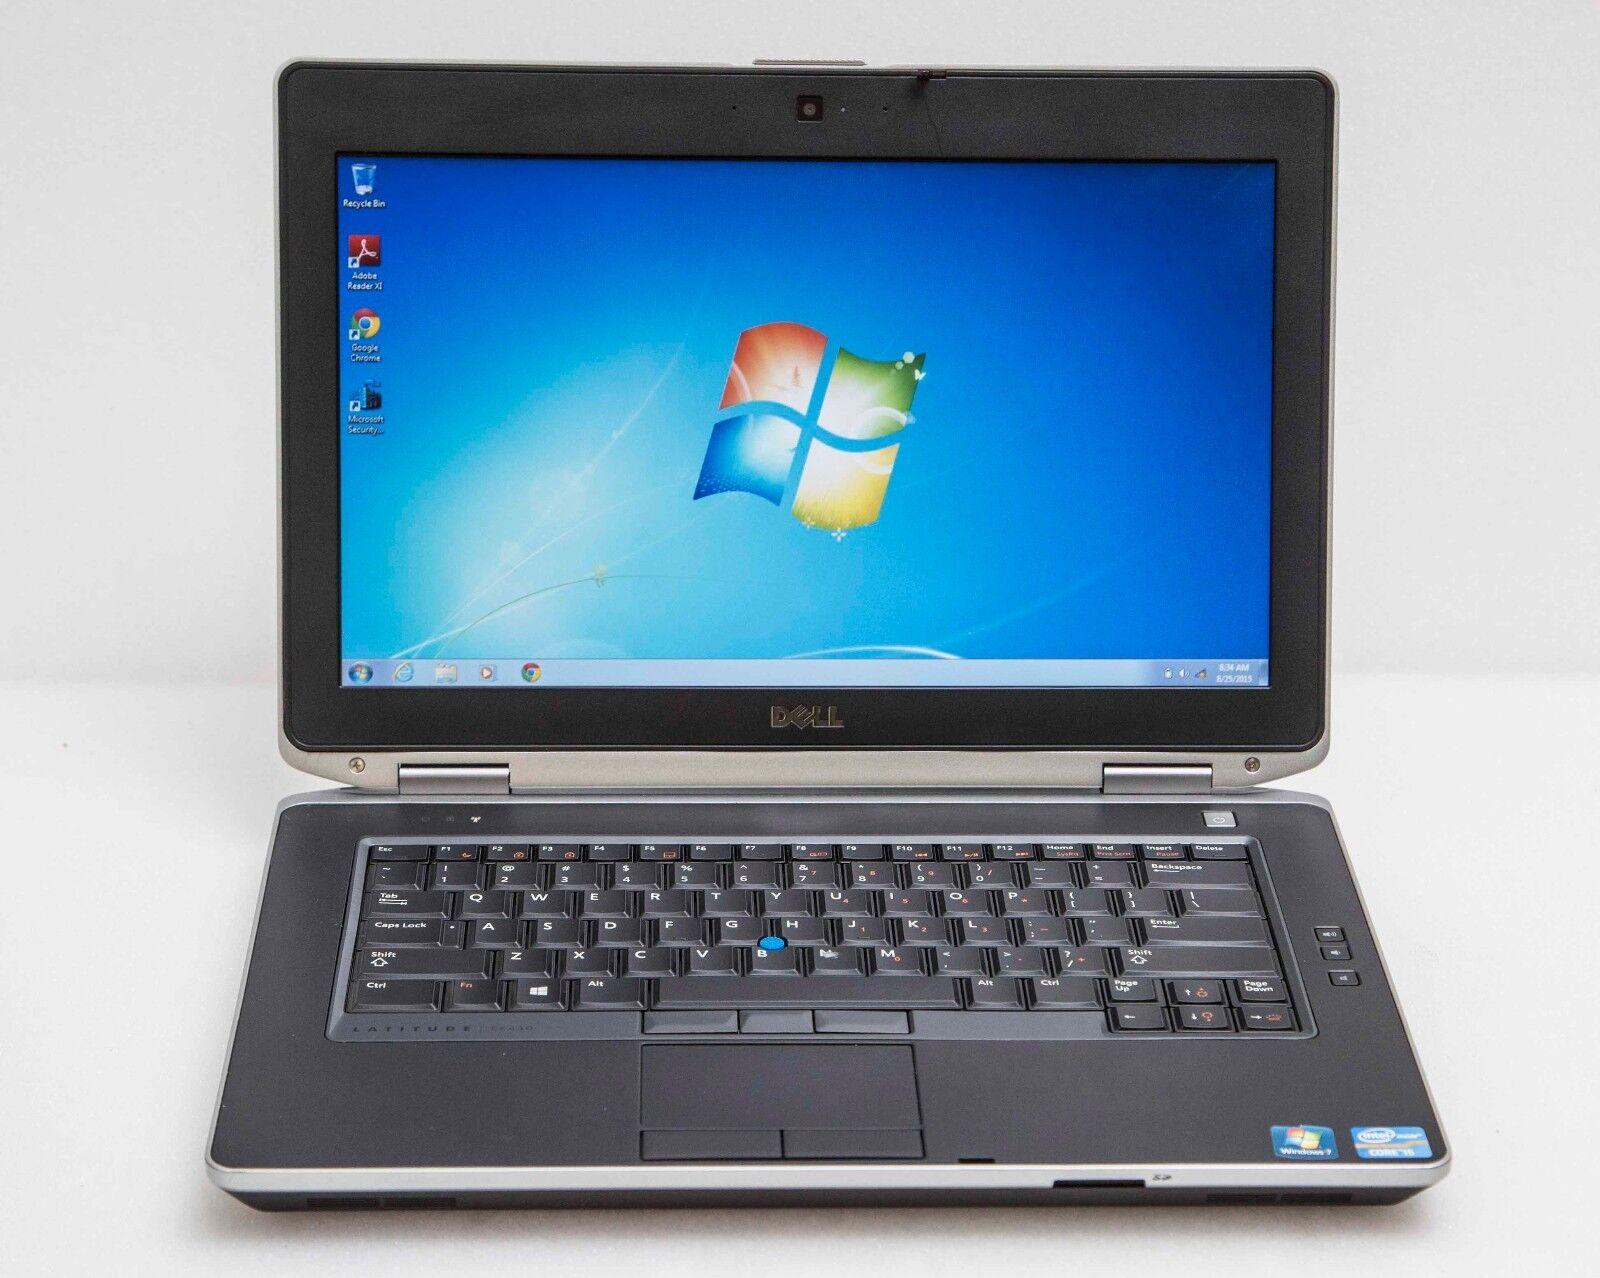 """Dell Latitude E6430s 14"""" Core i5-3320M 2.6GHz 4GB 500GB HDMI Win7 Slim Laptop"""